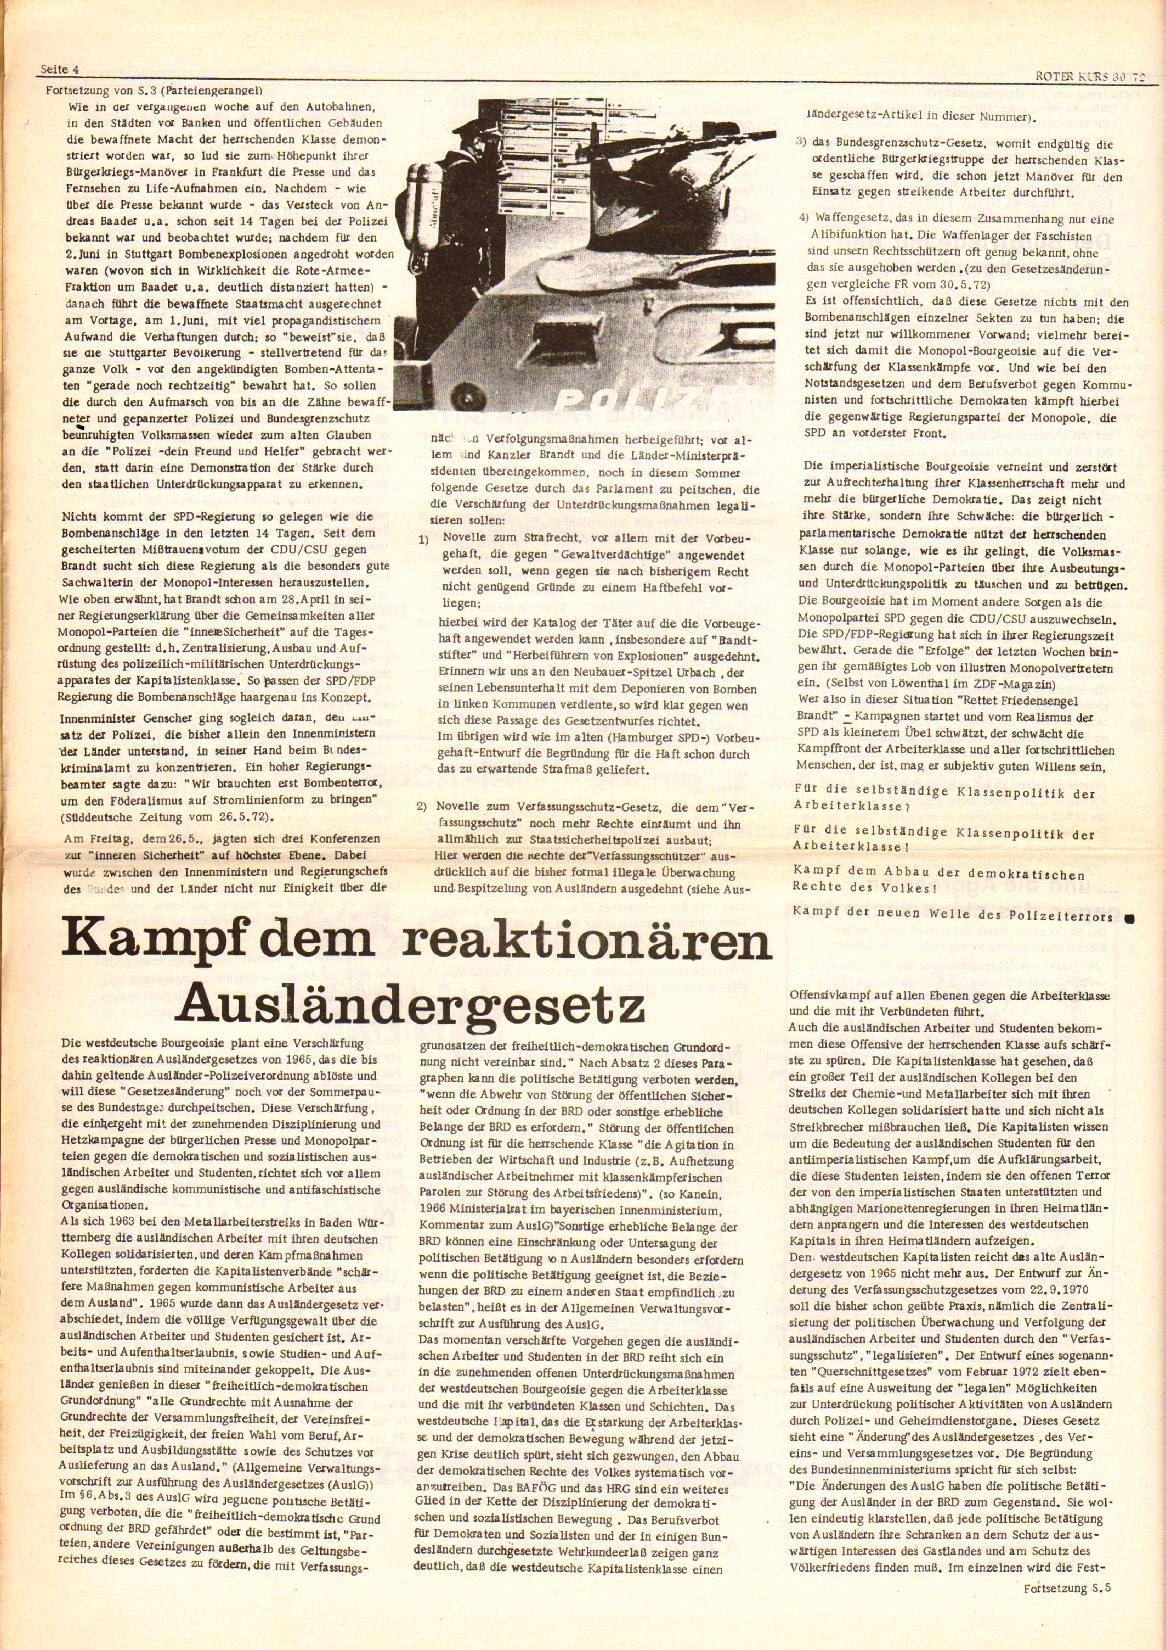 Goettingen_Roter_Kurs164